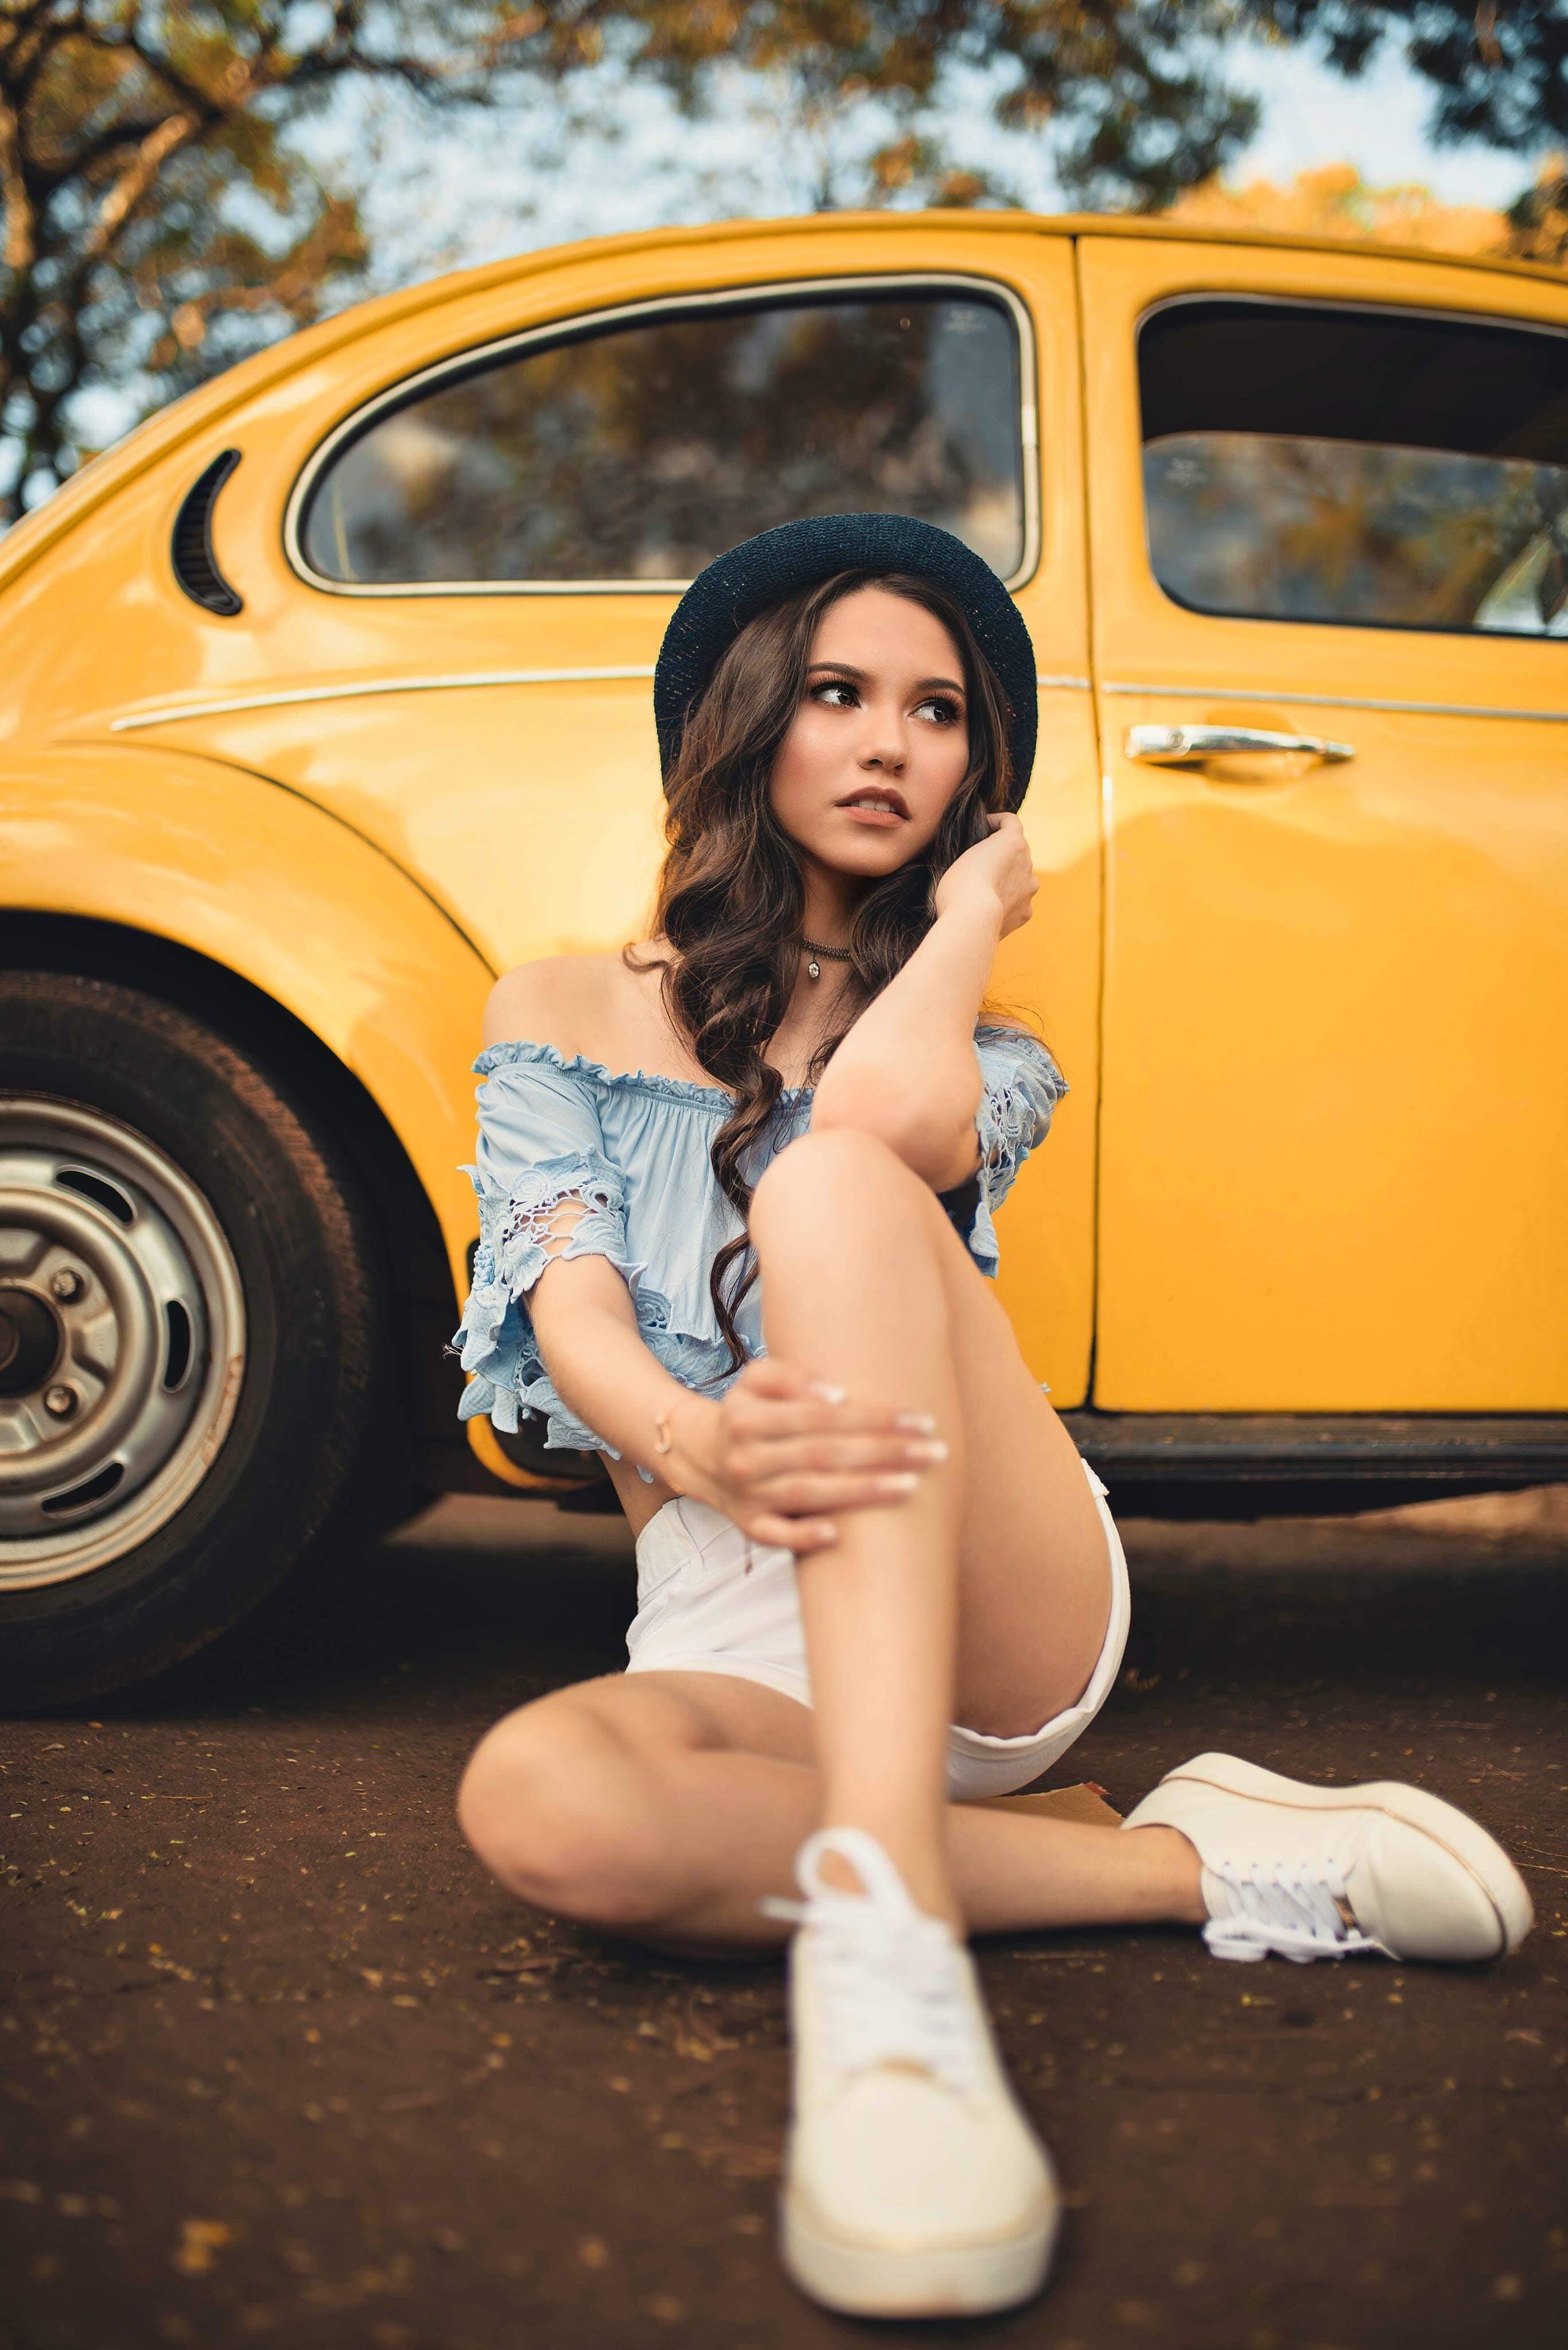 Kostnadsfri bild av ansiktsuttryck, asiatisk kvinna, attraktiv, bil